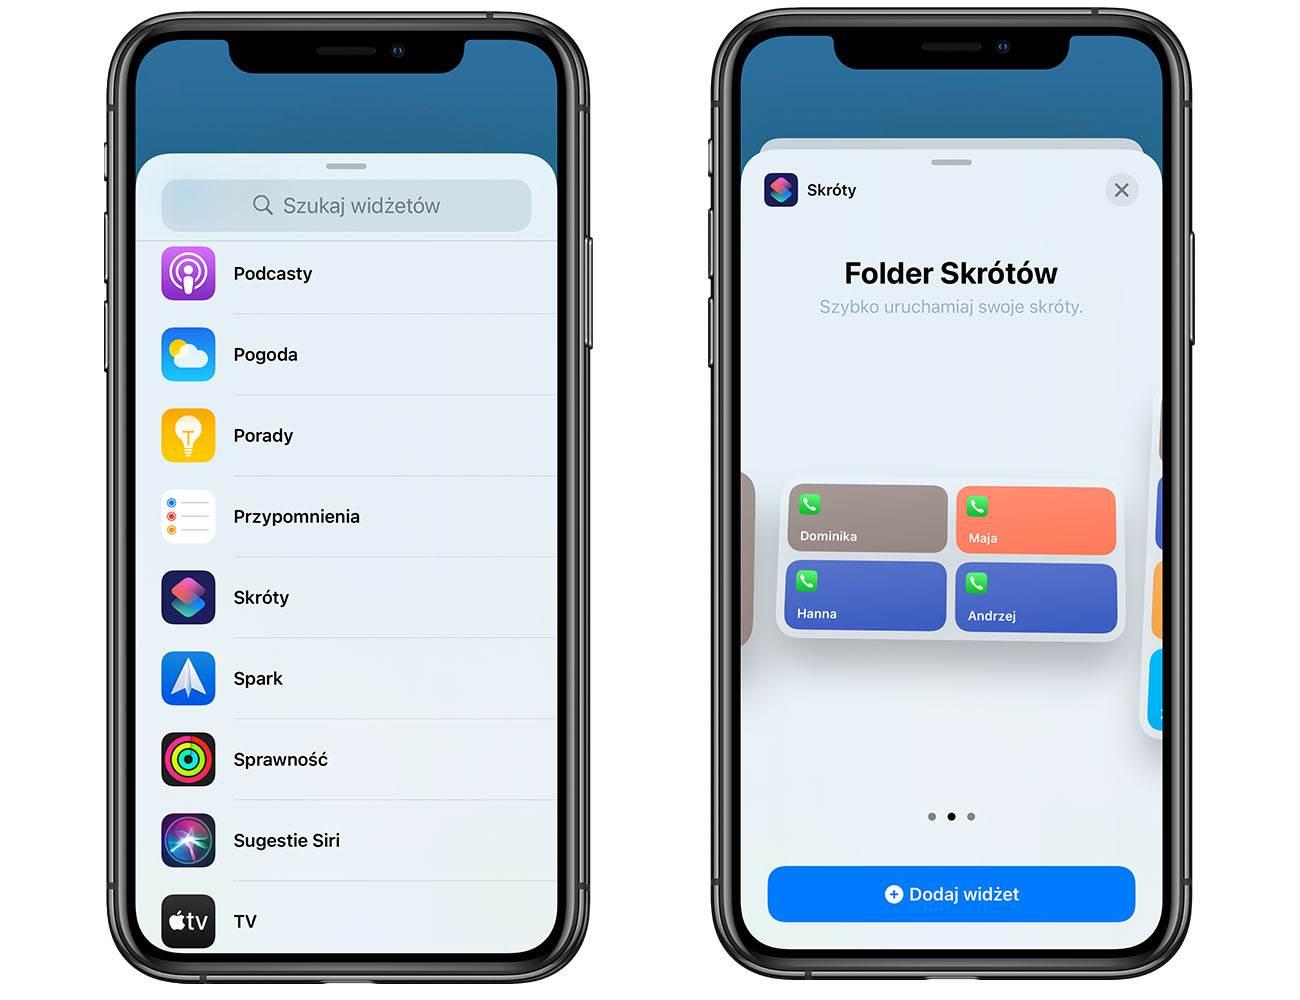 iOS 14 - przywracamy widget ulubione kontakty polecane, ciekawostki widżet, Widget, ulubione kontakty w widgecie, ulubione kontakty, iPhone, iOS 14  Mobilny system operacyjny iOS 14 dostępny jest dla wszystkich od niemal tygodnia. Aktualizacja zawiera szereg przydatnych innowacji, ale zniknęły również niektóre przydatne funkcje znane z iOS 13. kontakty 4